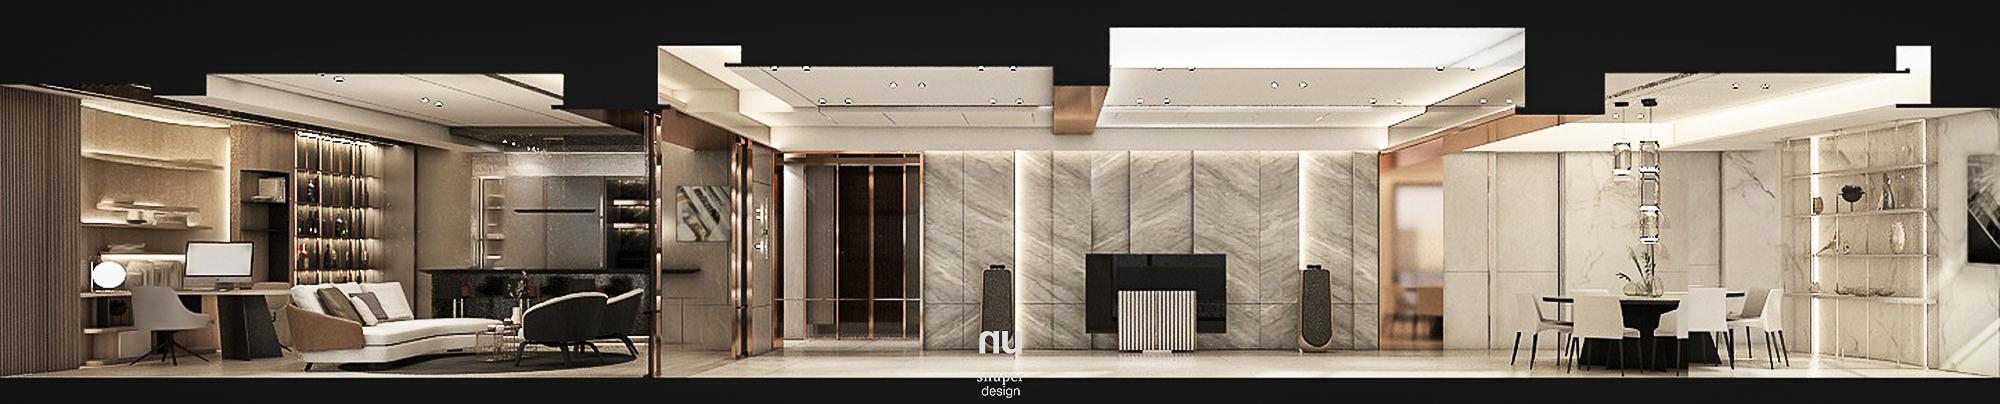 豪宅設計 - 寶輝City Park - 宴會廳 客廳 餐廳